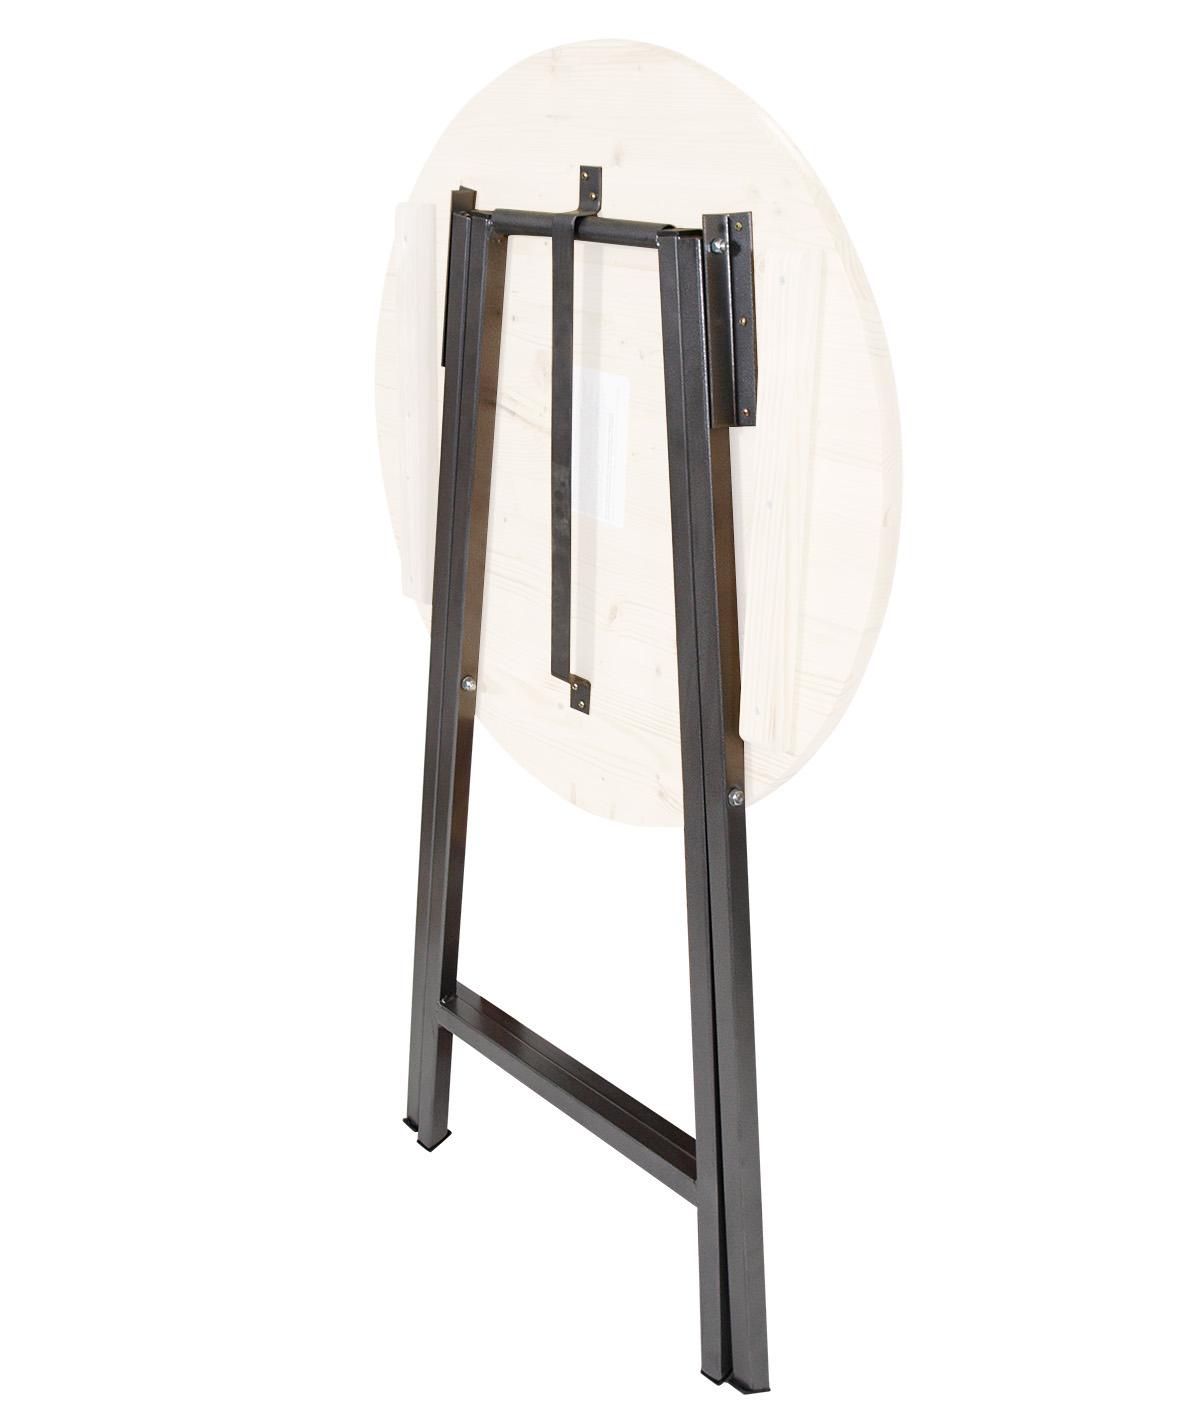 stehtischgestell untergestell tischgestell f r stehtisch stahl grau beschichtet ebay. Black Bedroom Furniture Sets. Home Design Ideas